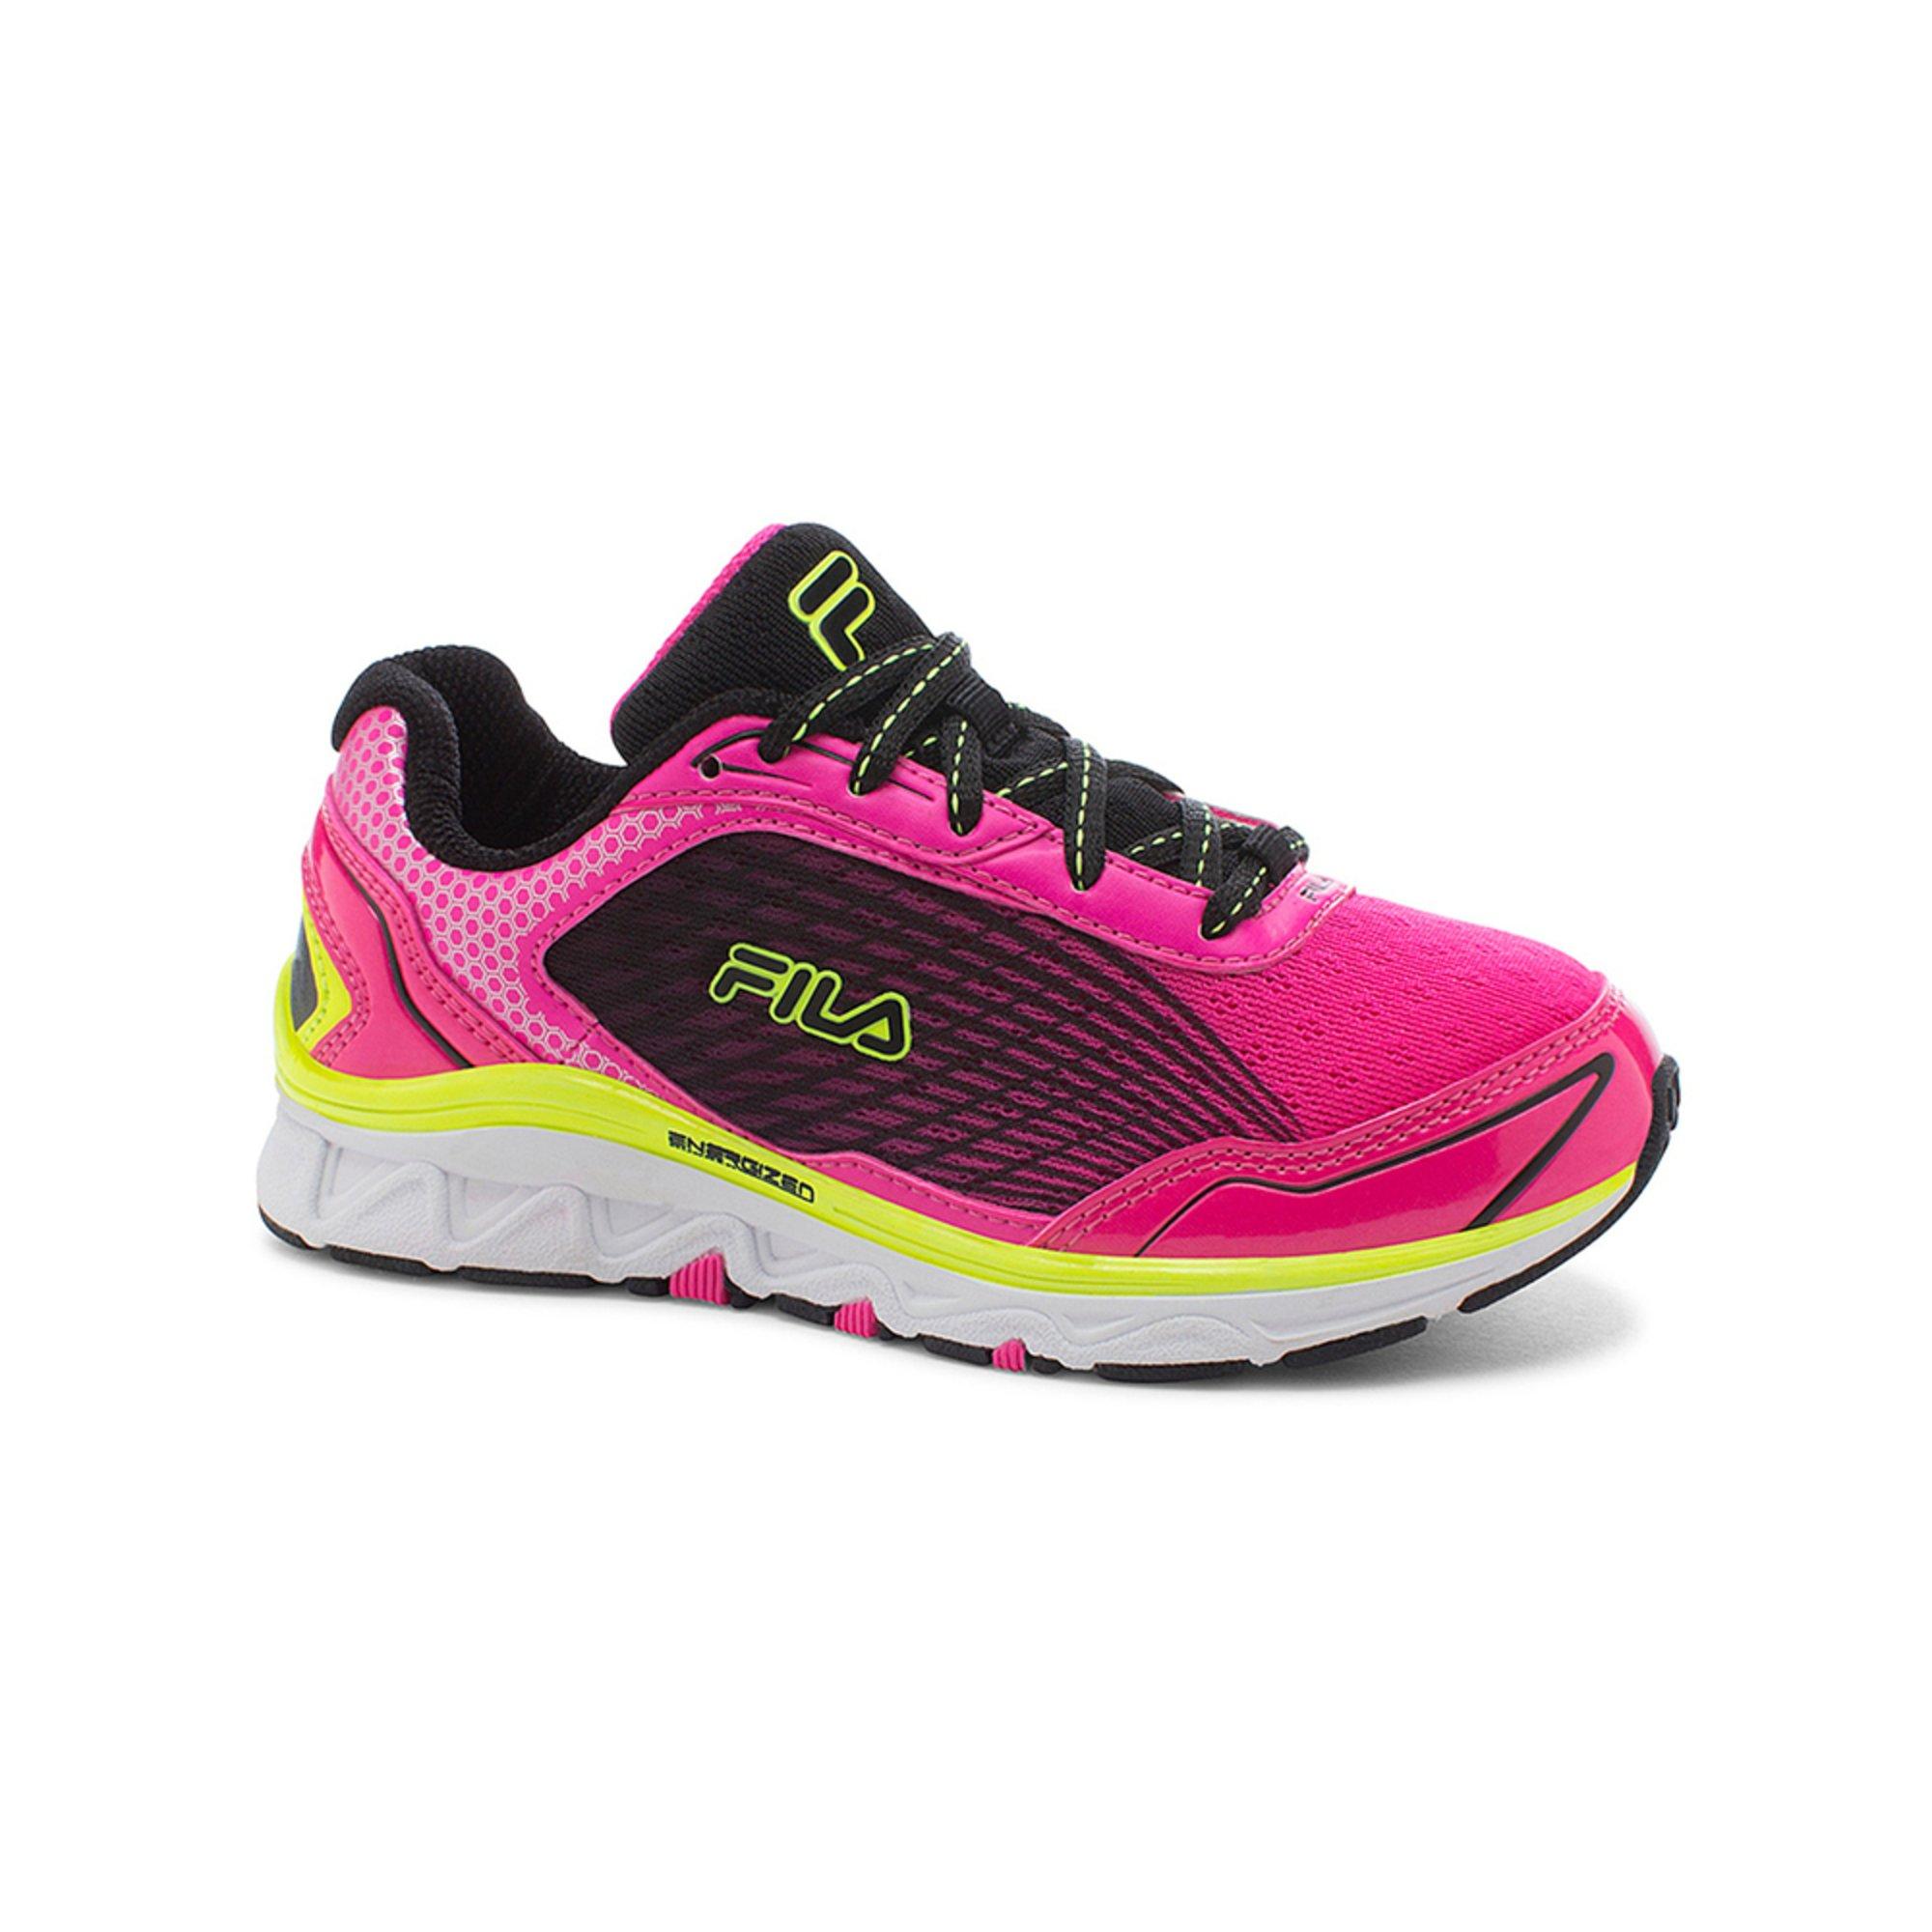 Fila Girls Running Shoes